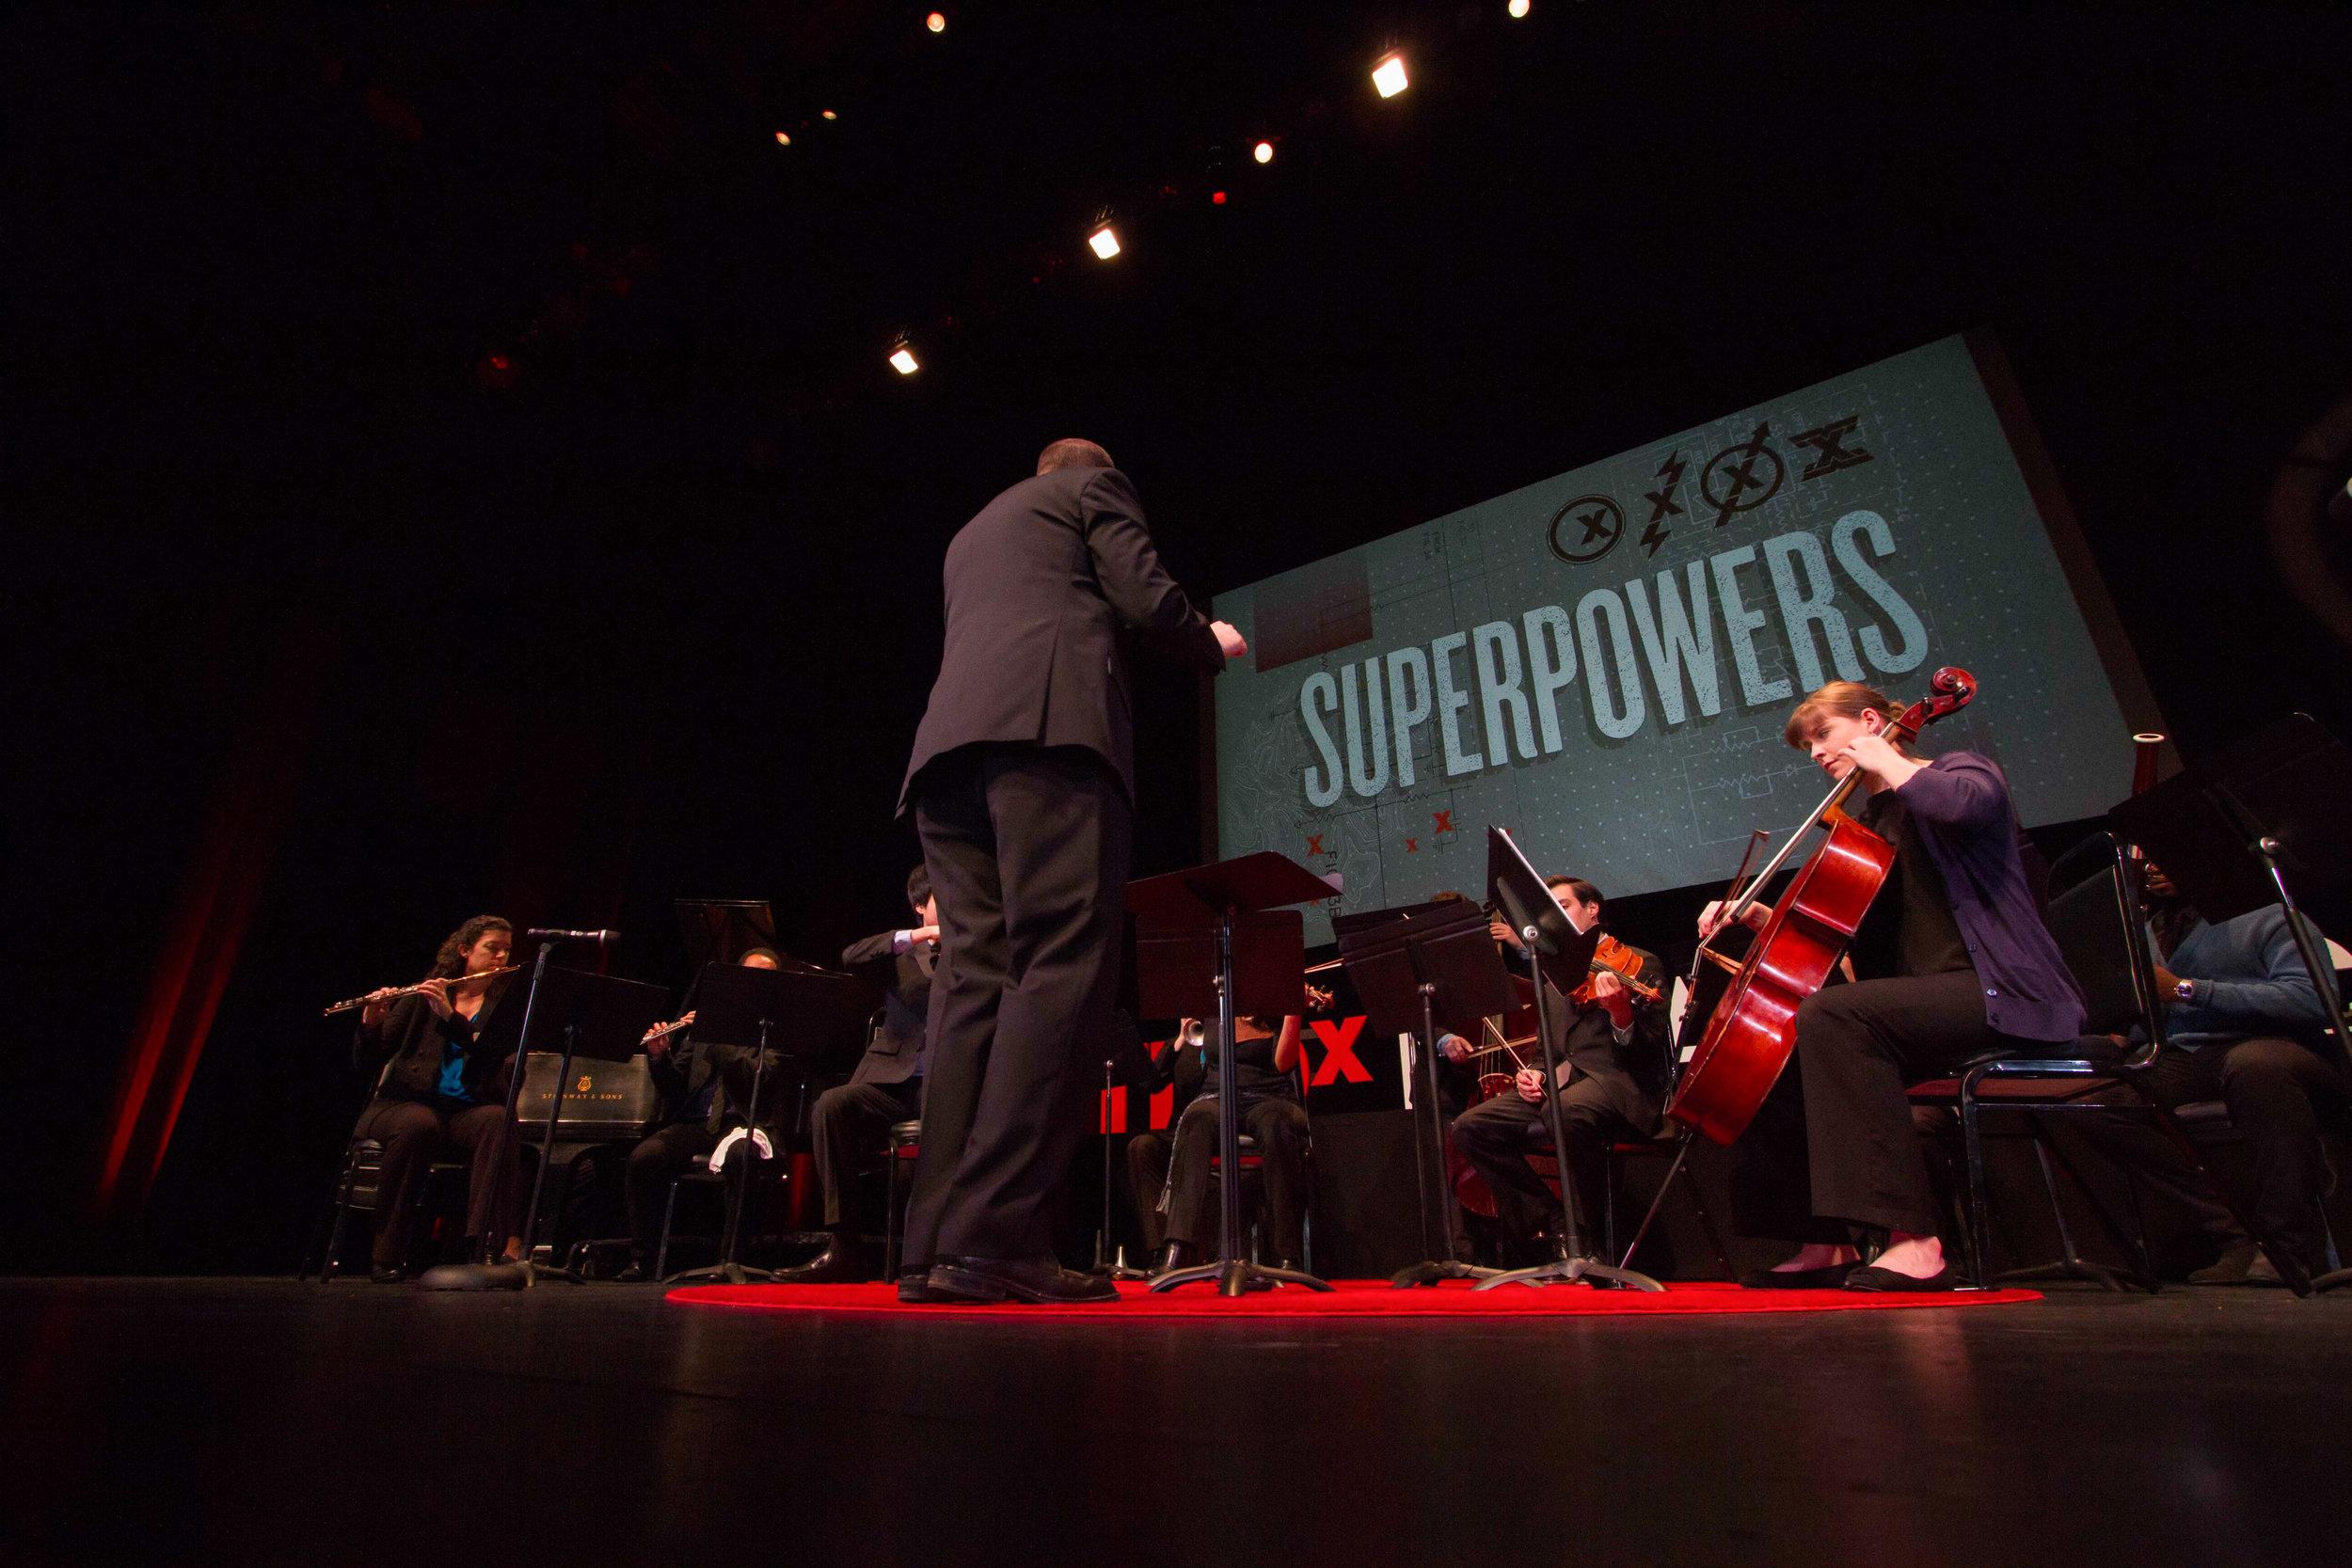 Jordan Randall Smith Conducts SNO at TEDx